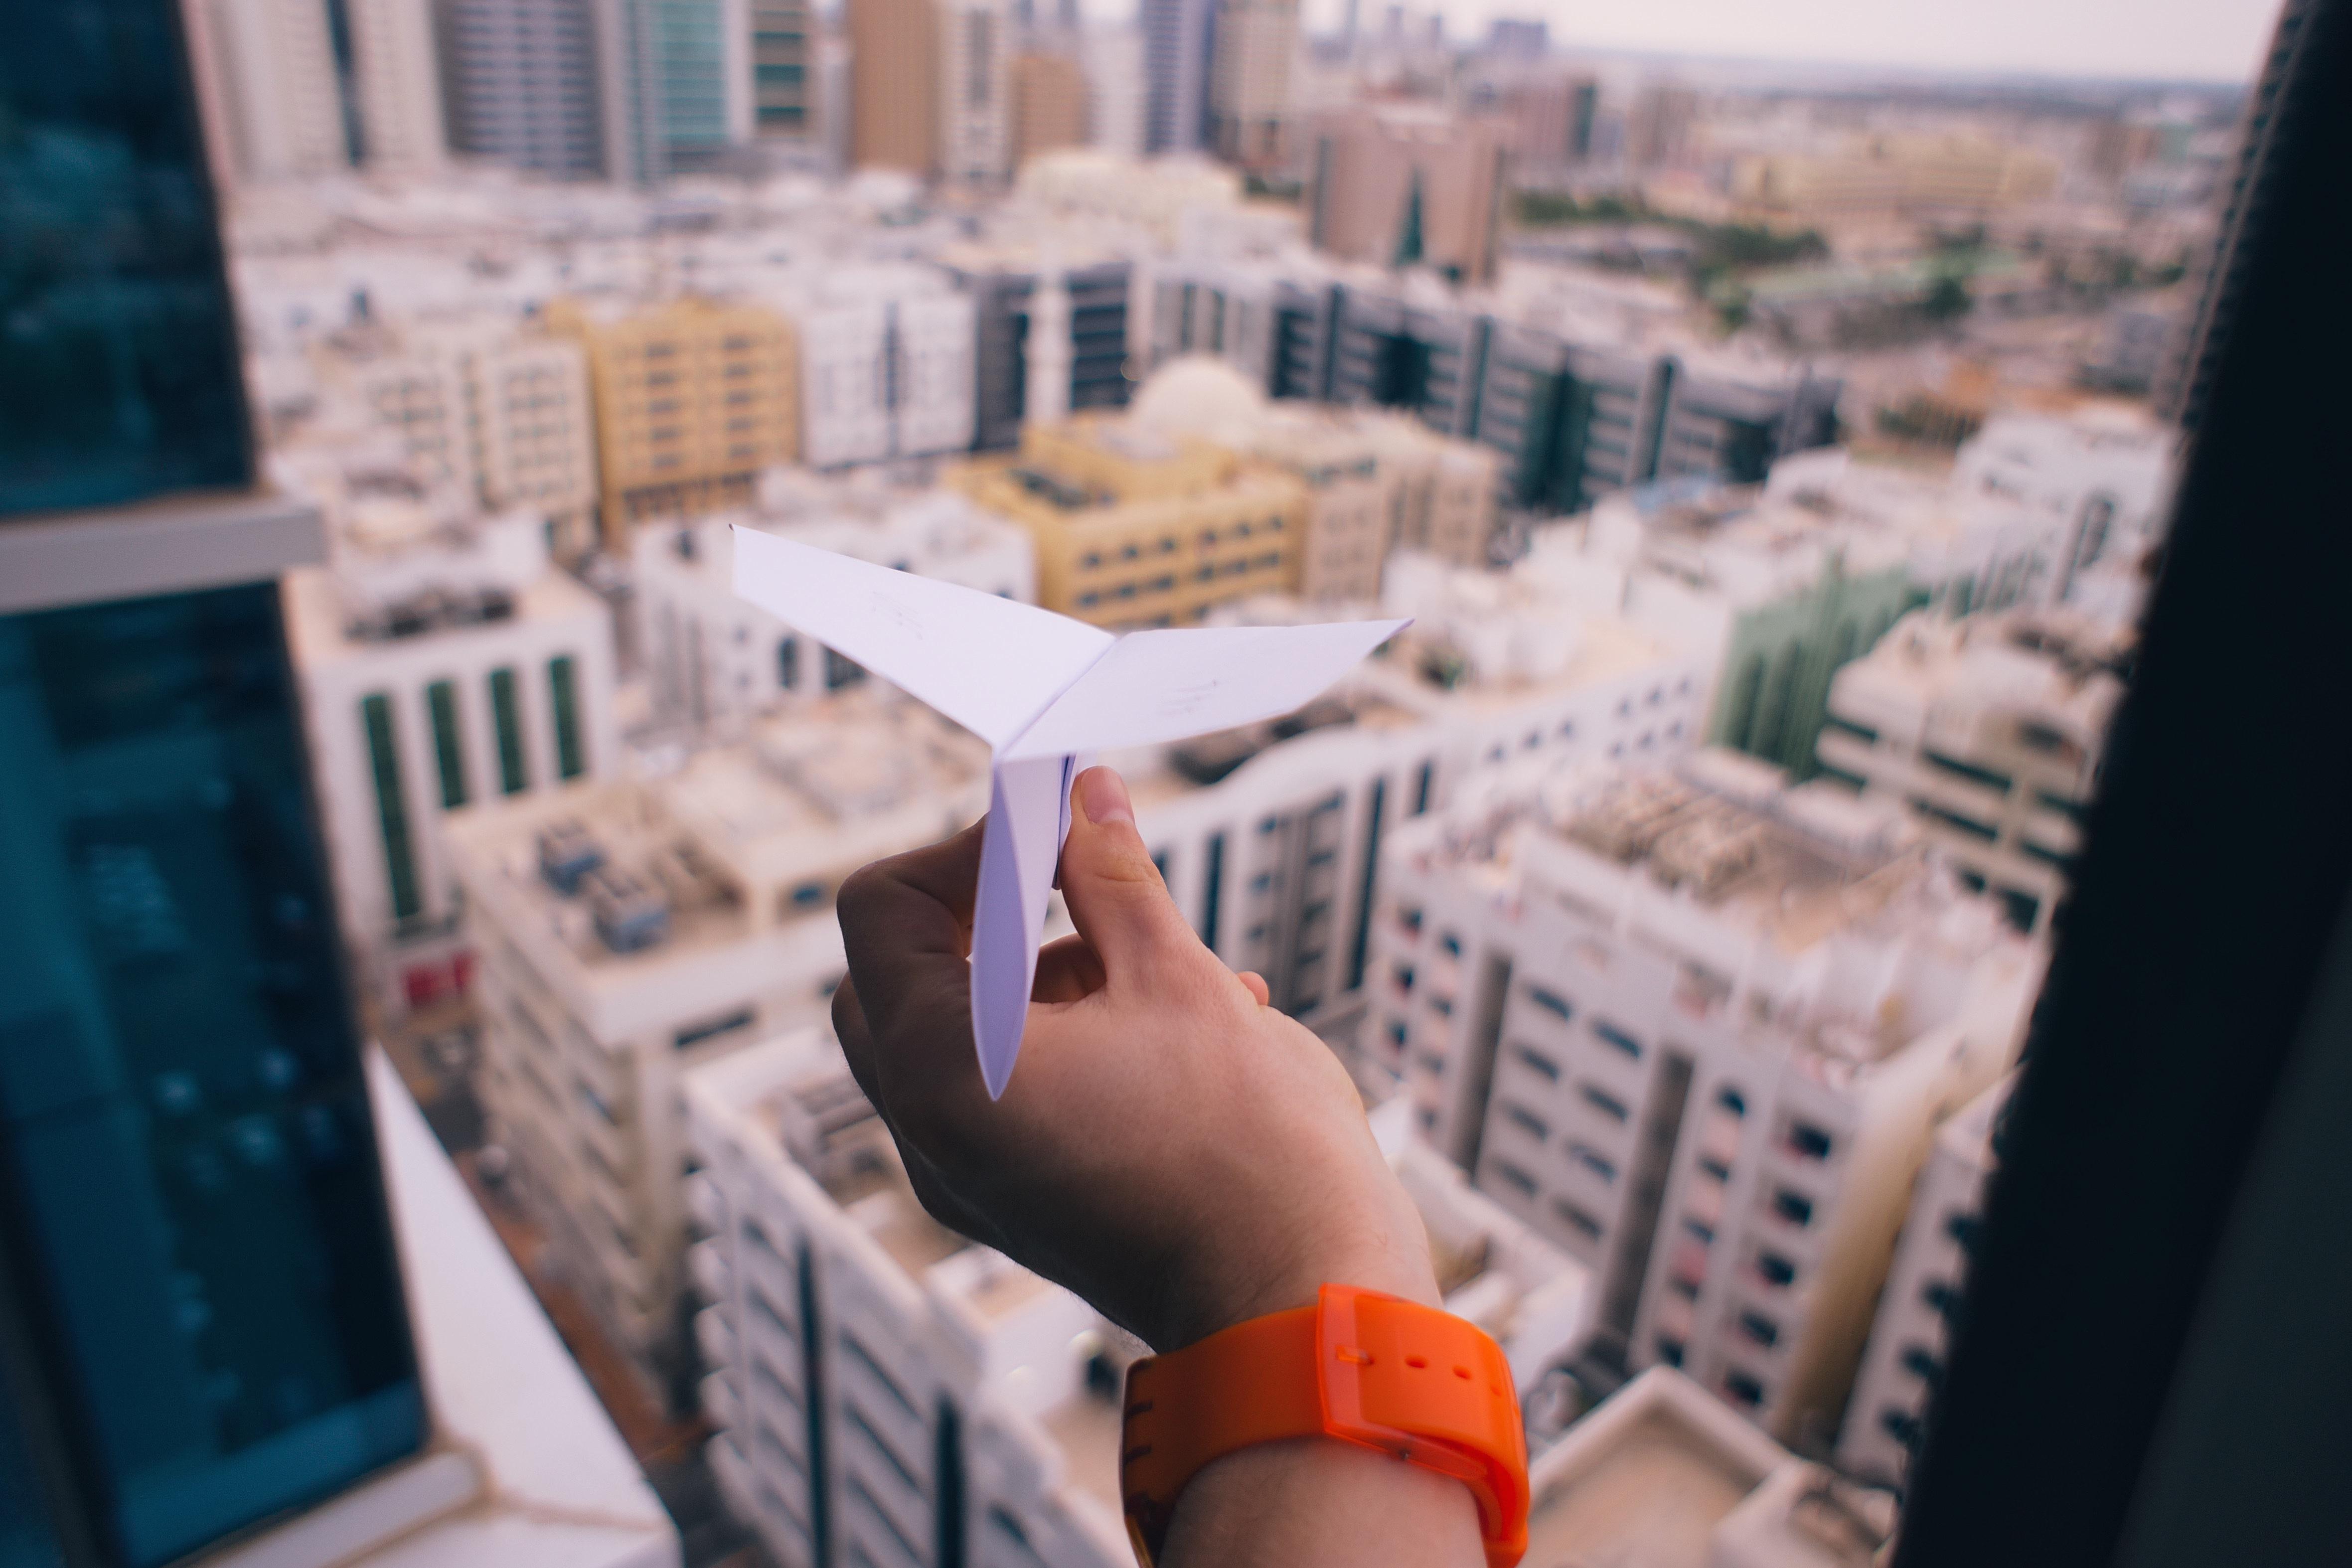 Paper plane - airtopia clean air